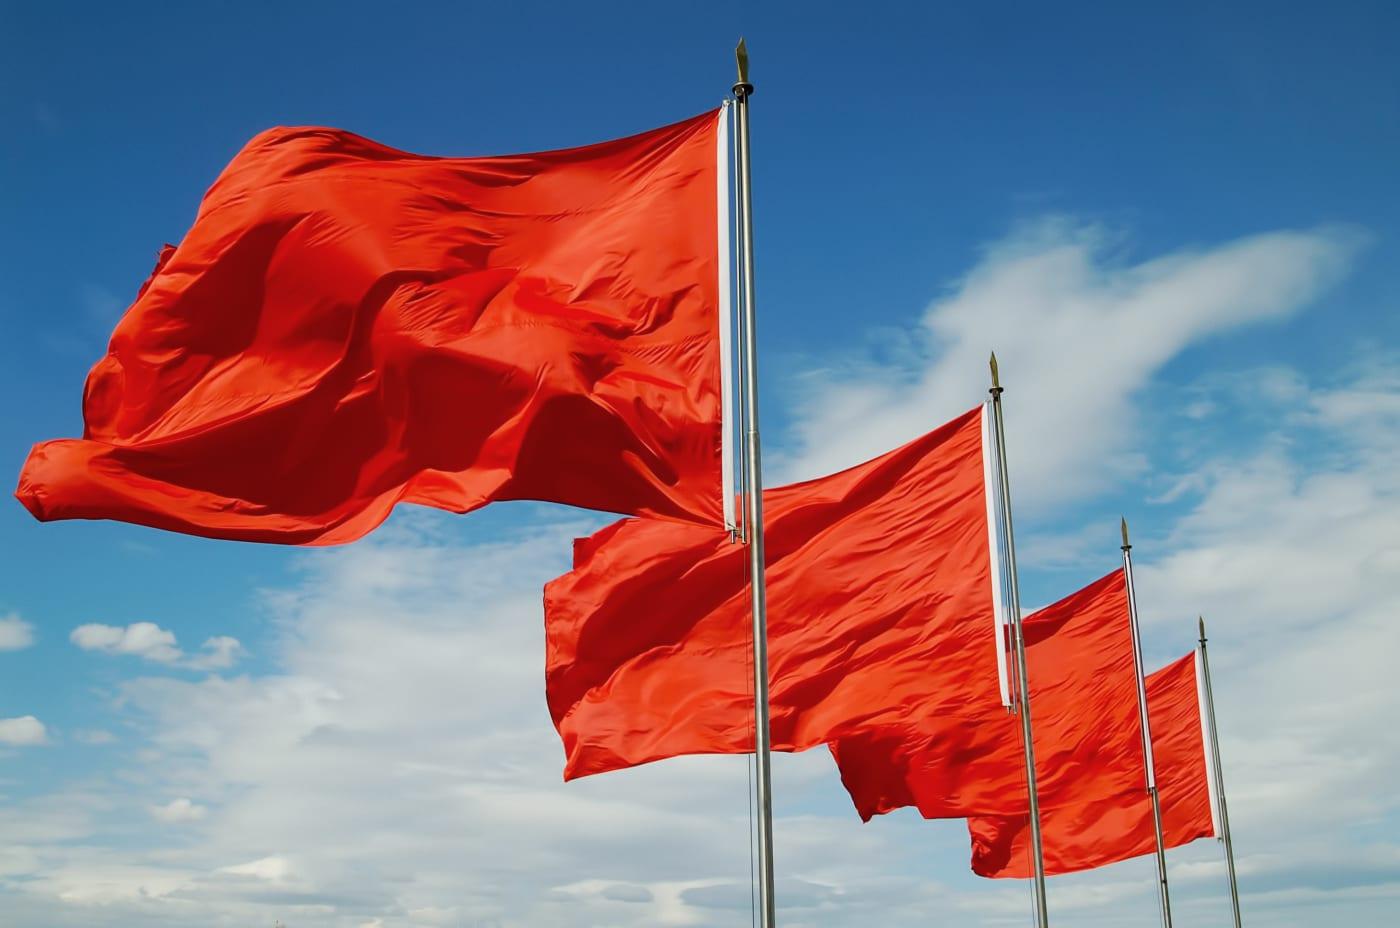 The Red Flag Twitter Memes Explainer